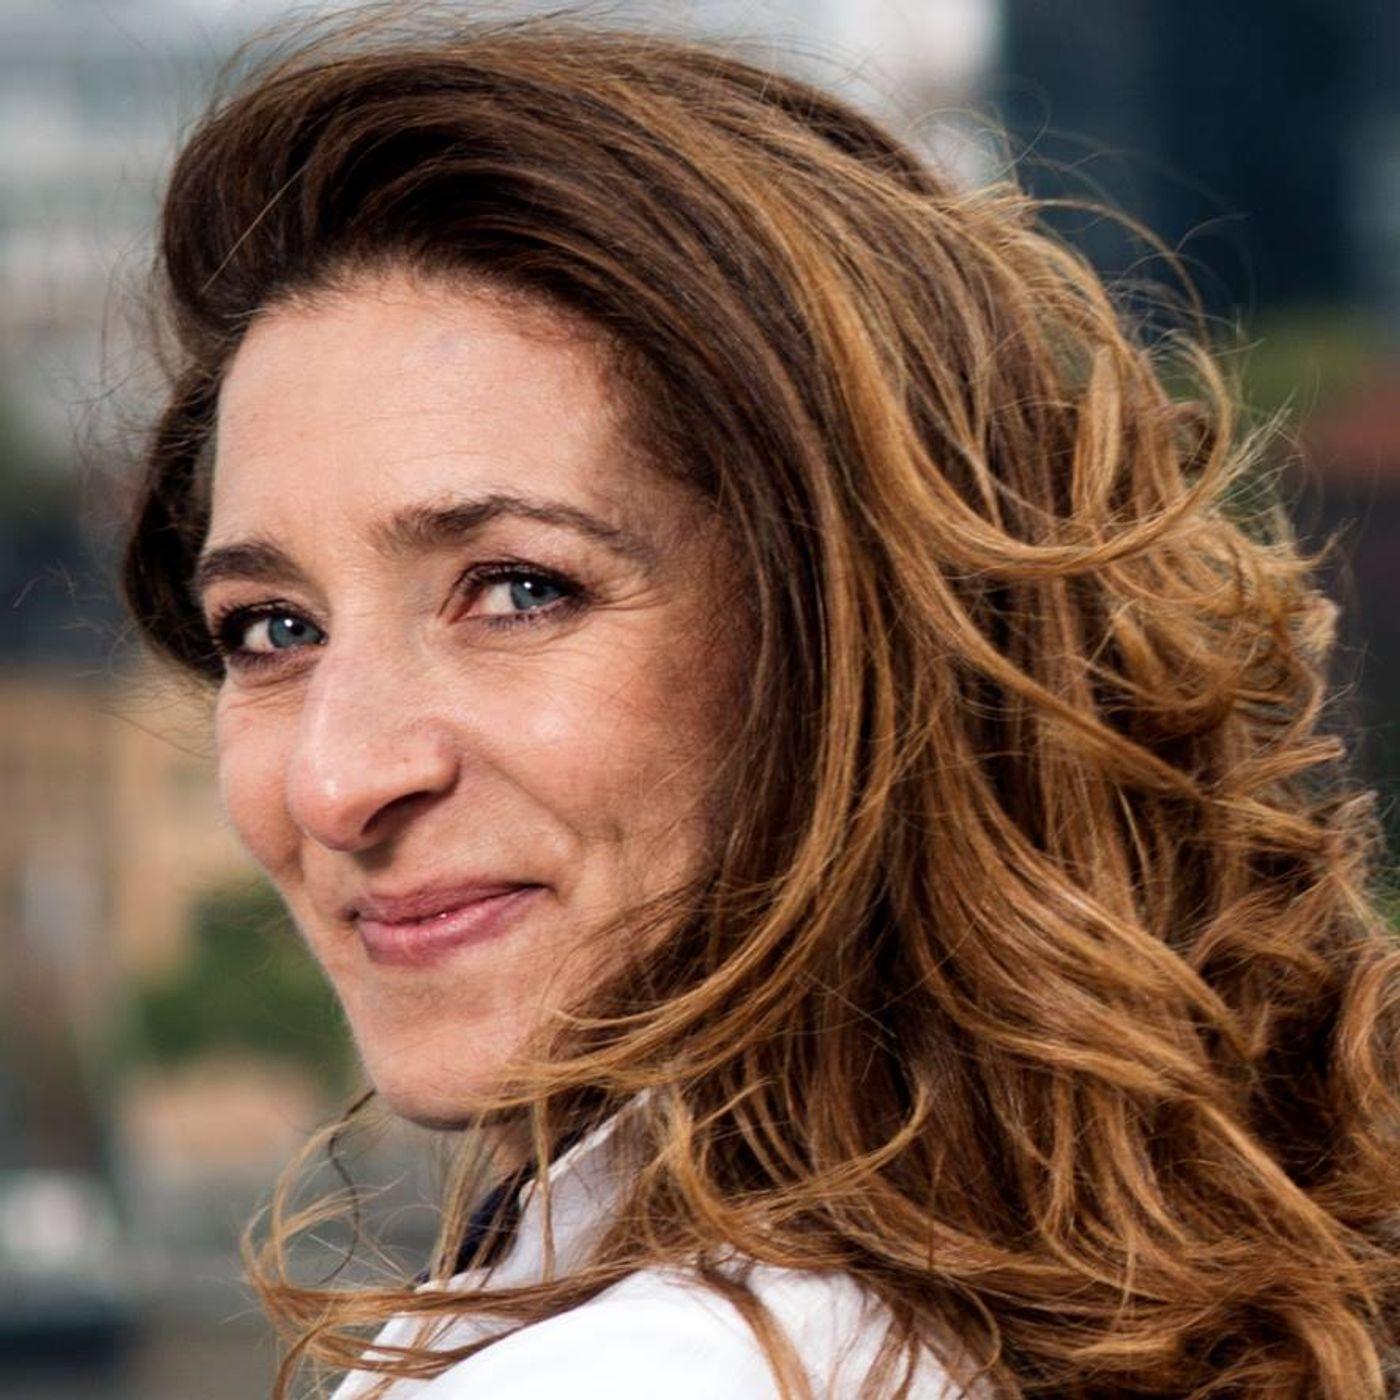 Intervista Monica Secondino: consulente finanziaria, giornalista e forza della natura